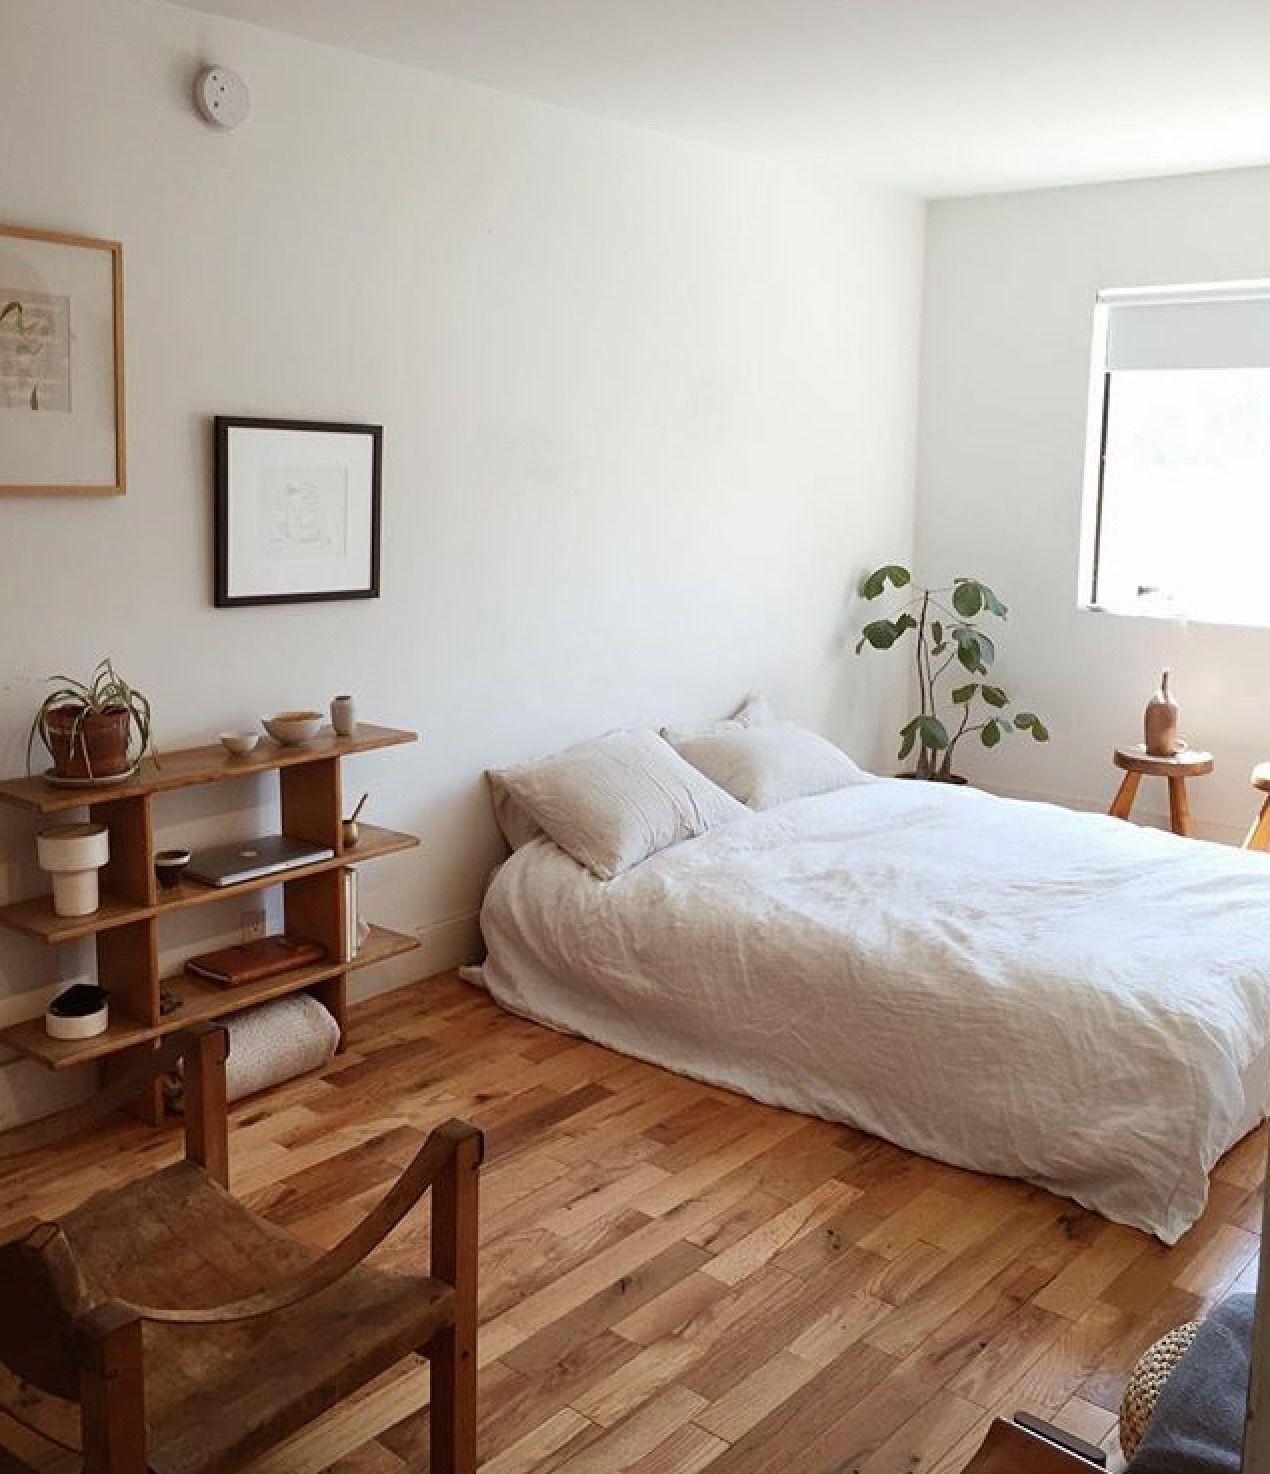 Pretty simple room, white and wood Minimalist bedroom